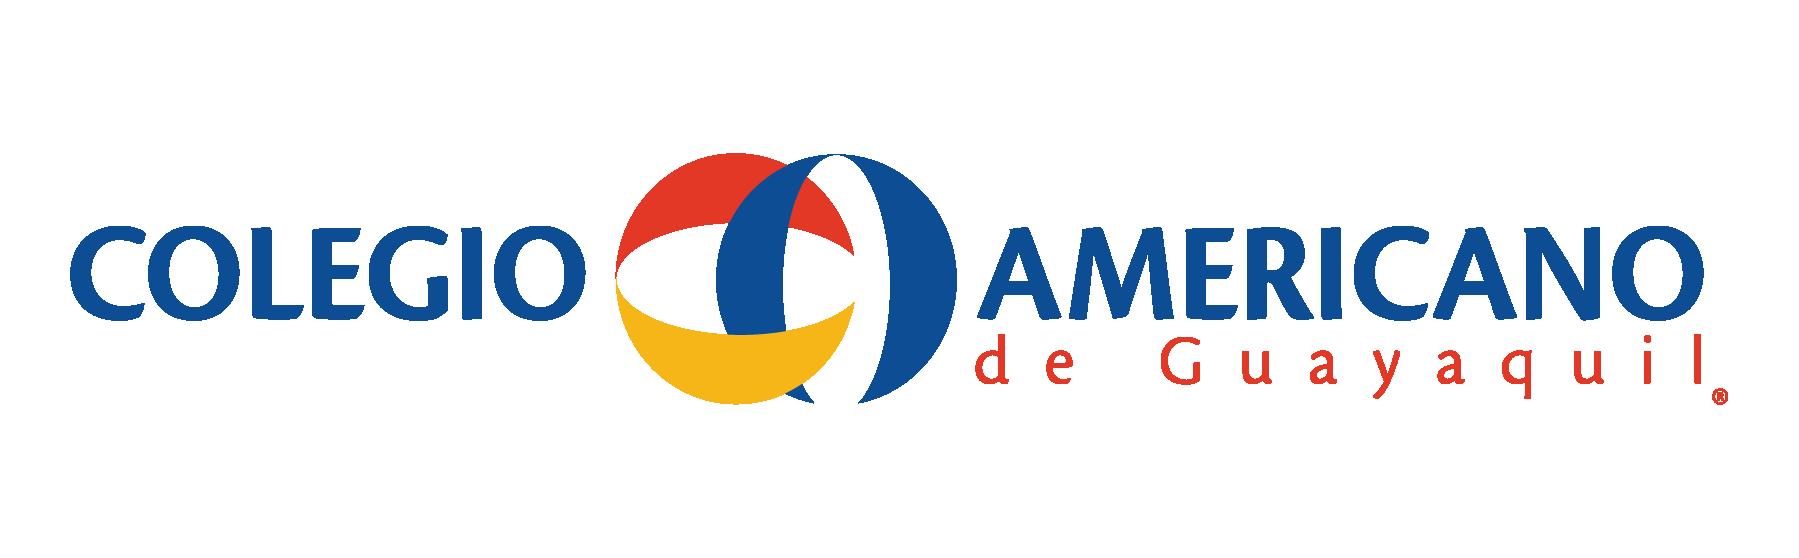 Colegio Americano de Guayaquil